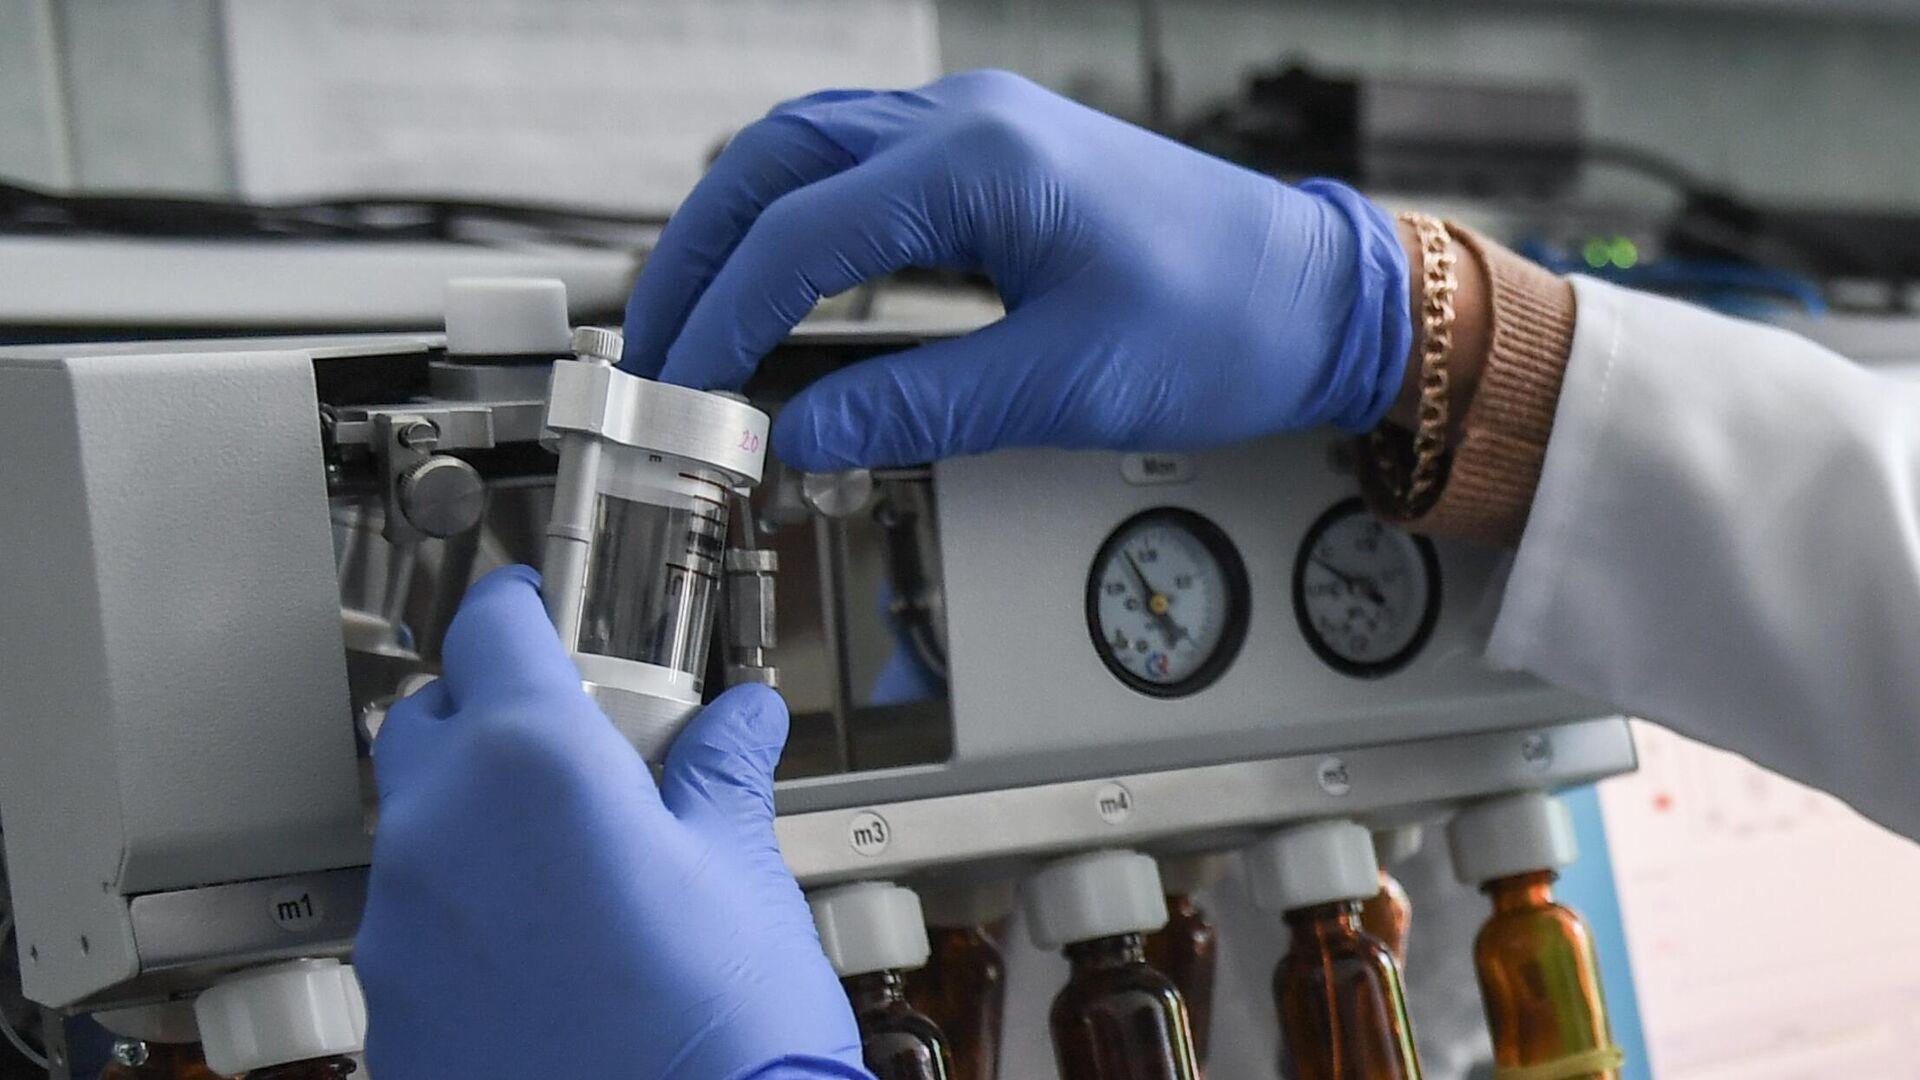 Учёные Крымского федерального университета разработали новую вакцину от коронавируса - РИА Новости, 1920, 28.10.2020